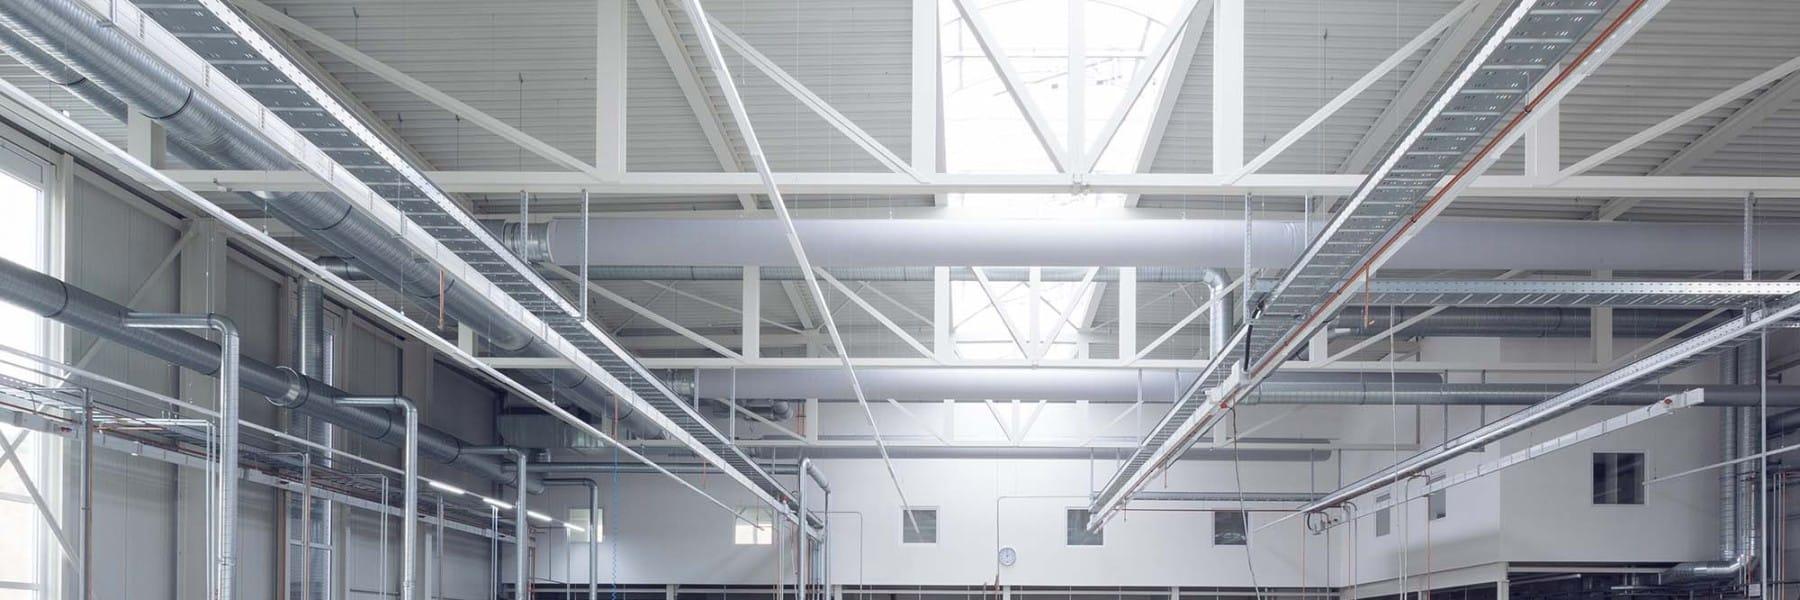 Industriehallenbau IBS